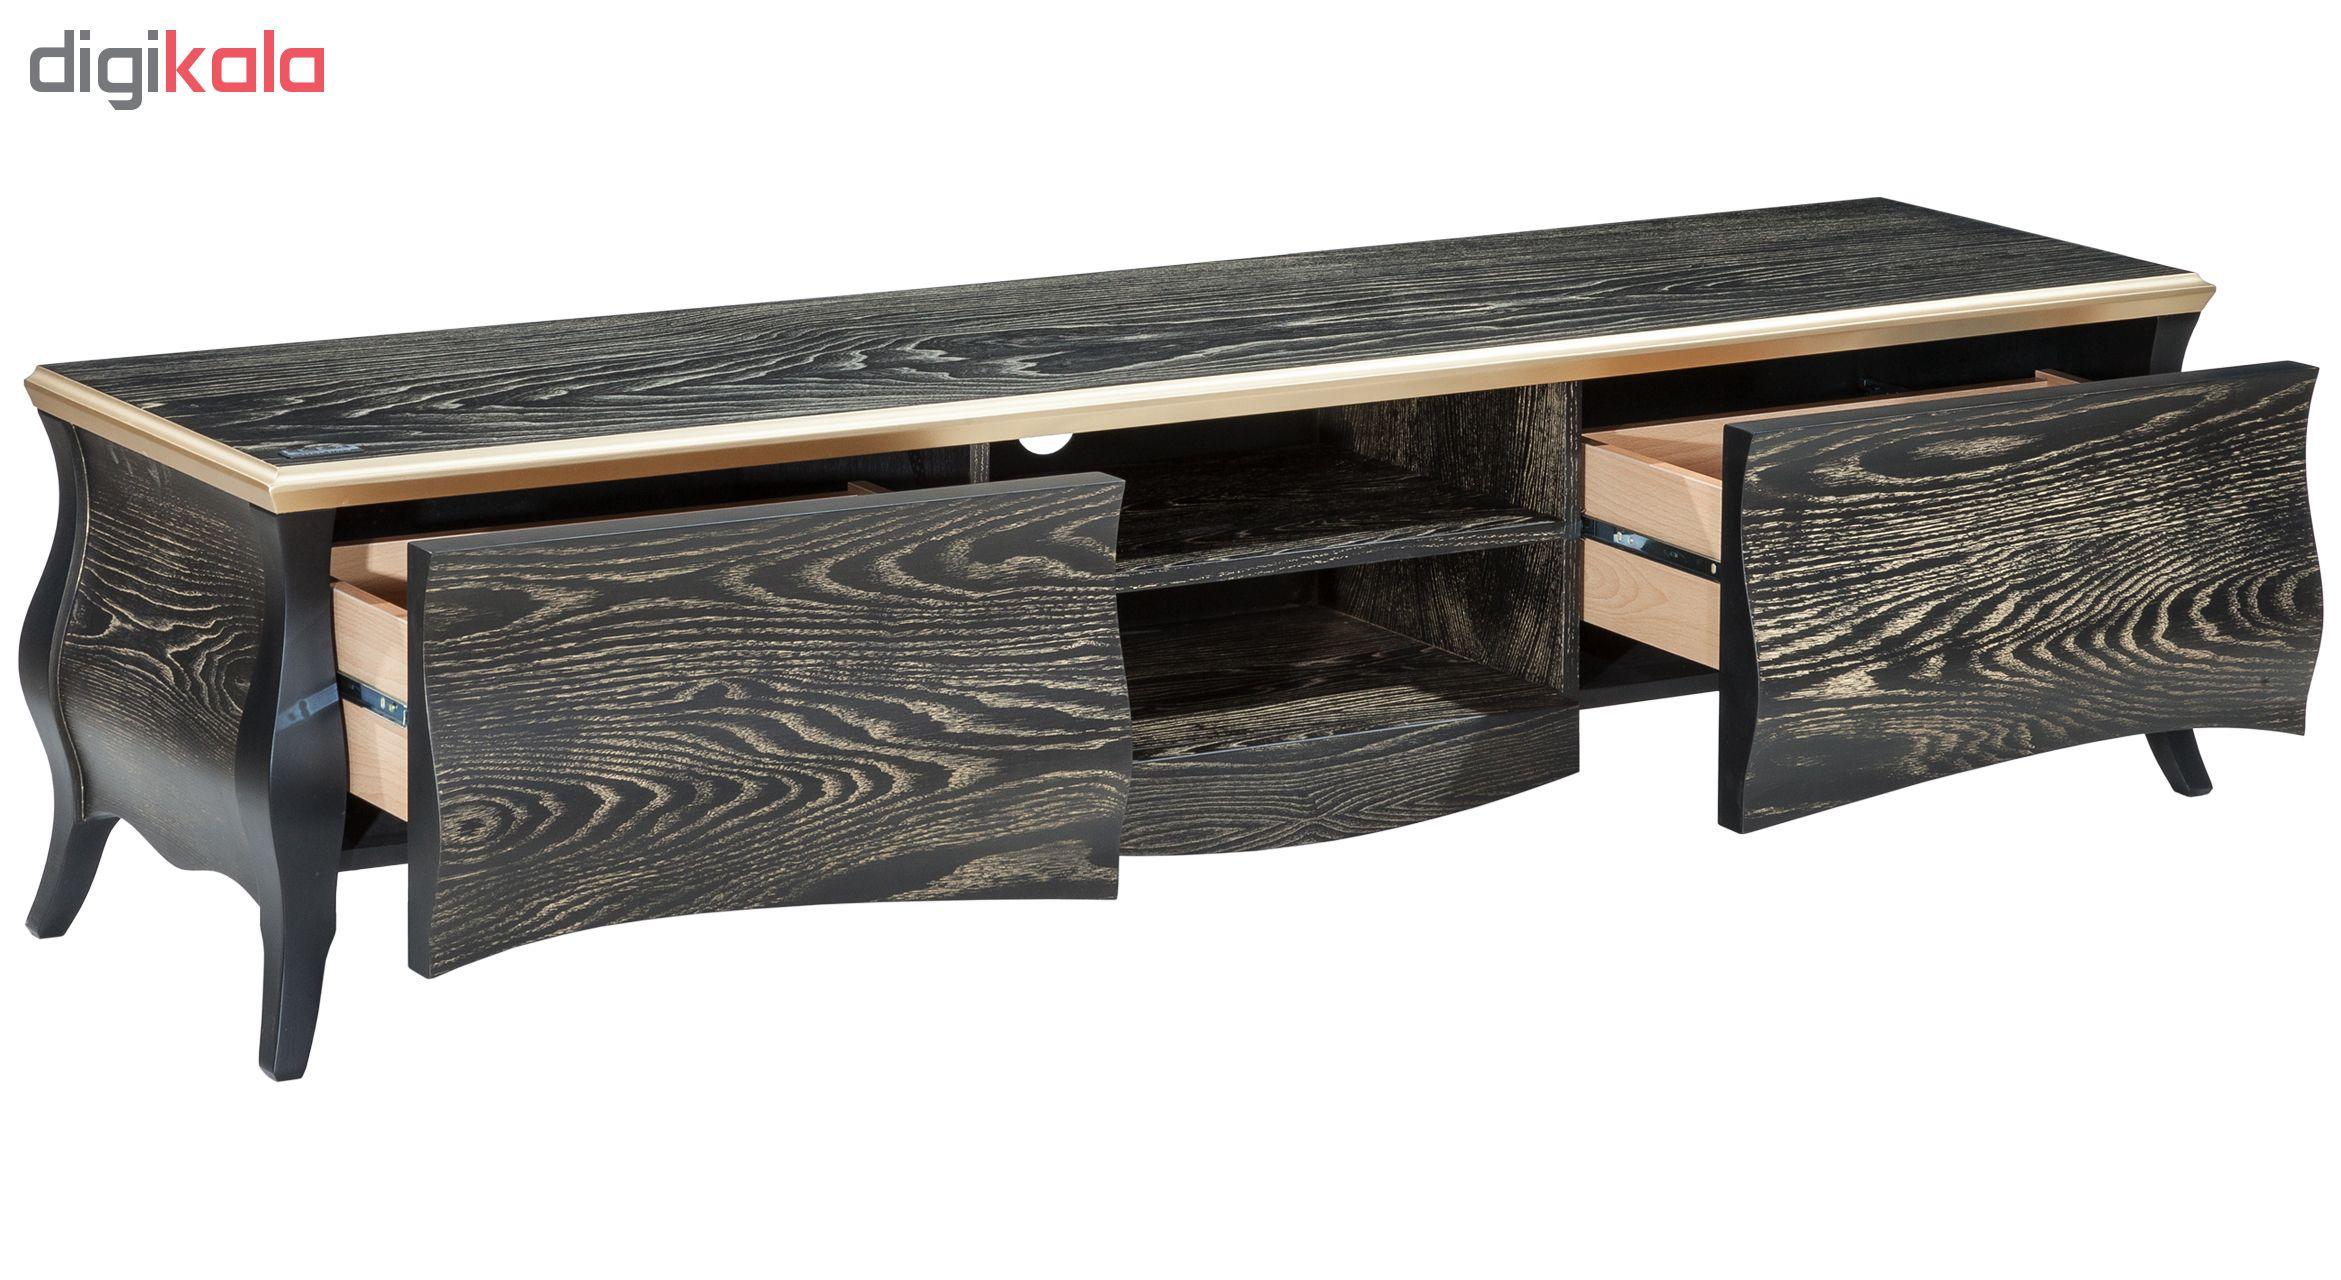 خرید اینترنتی میز تلویزیون آیلکس مدل R16- BG-180 اورجینال